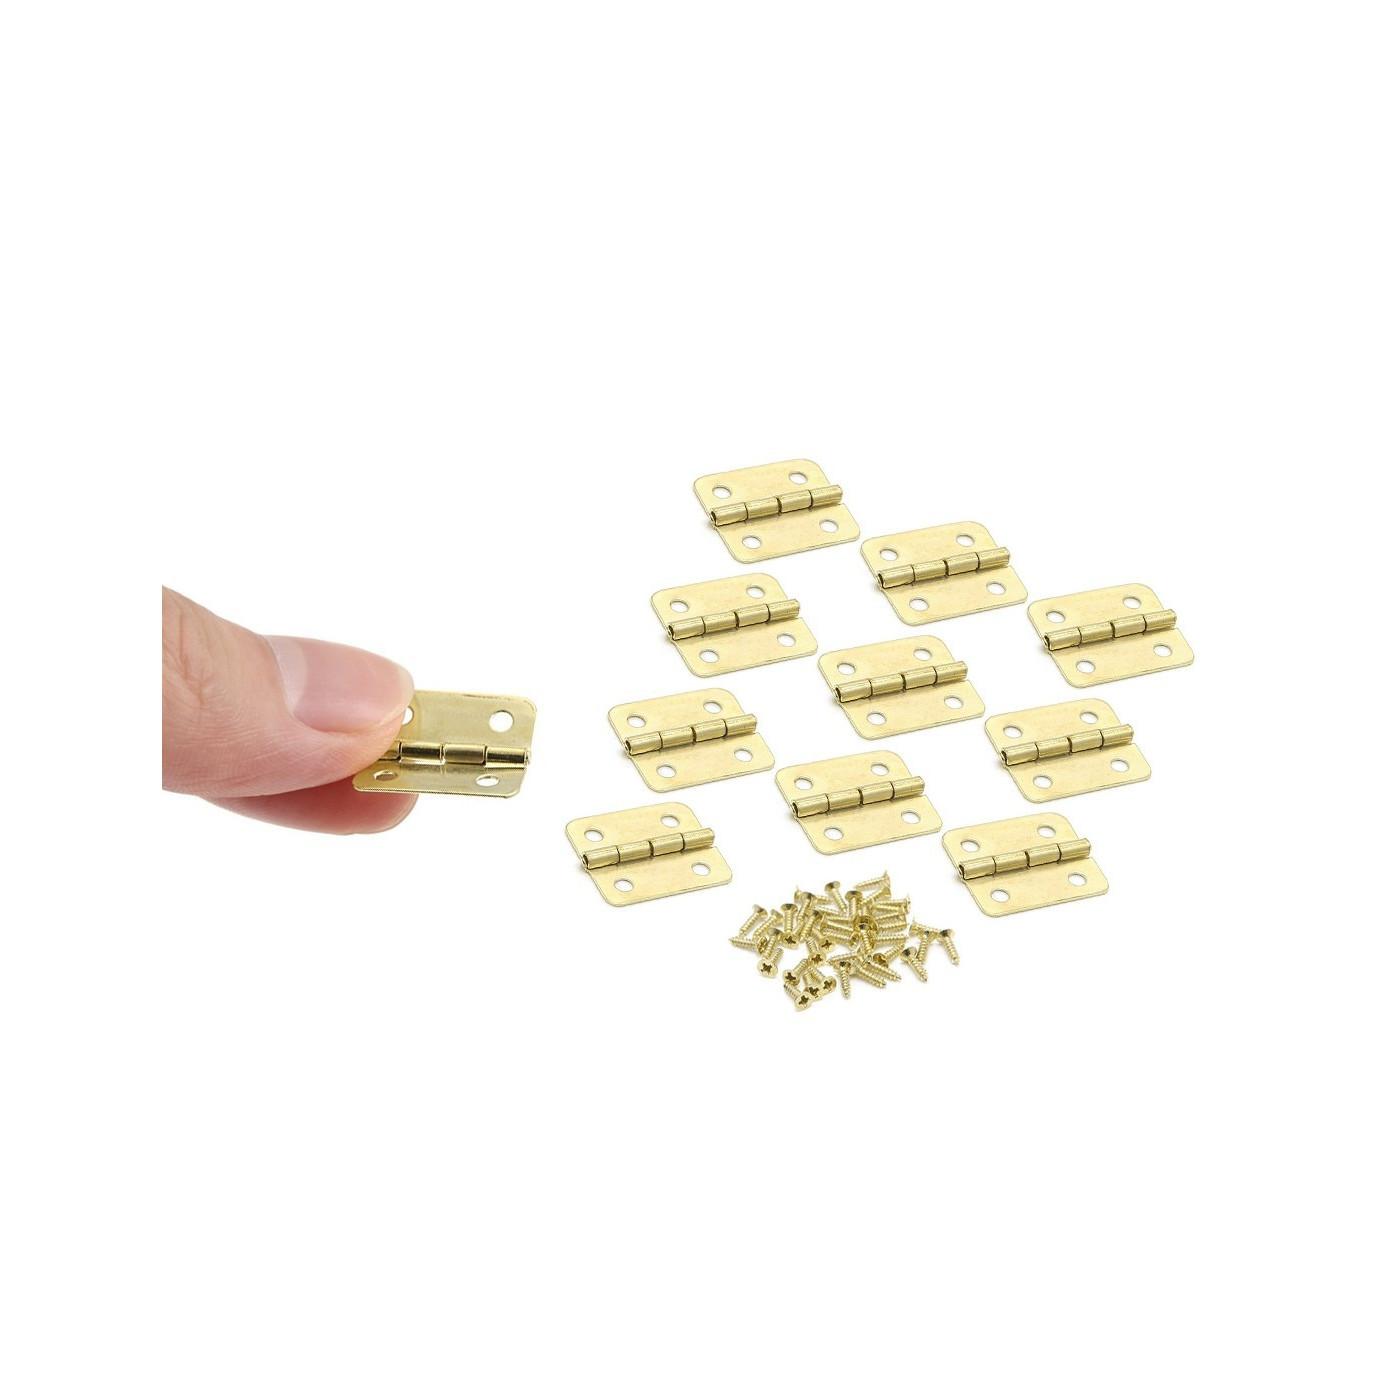 Conjunto de dobradiças pequenas de latão de 60 peças (18x16 mm)  - 1